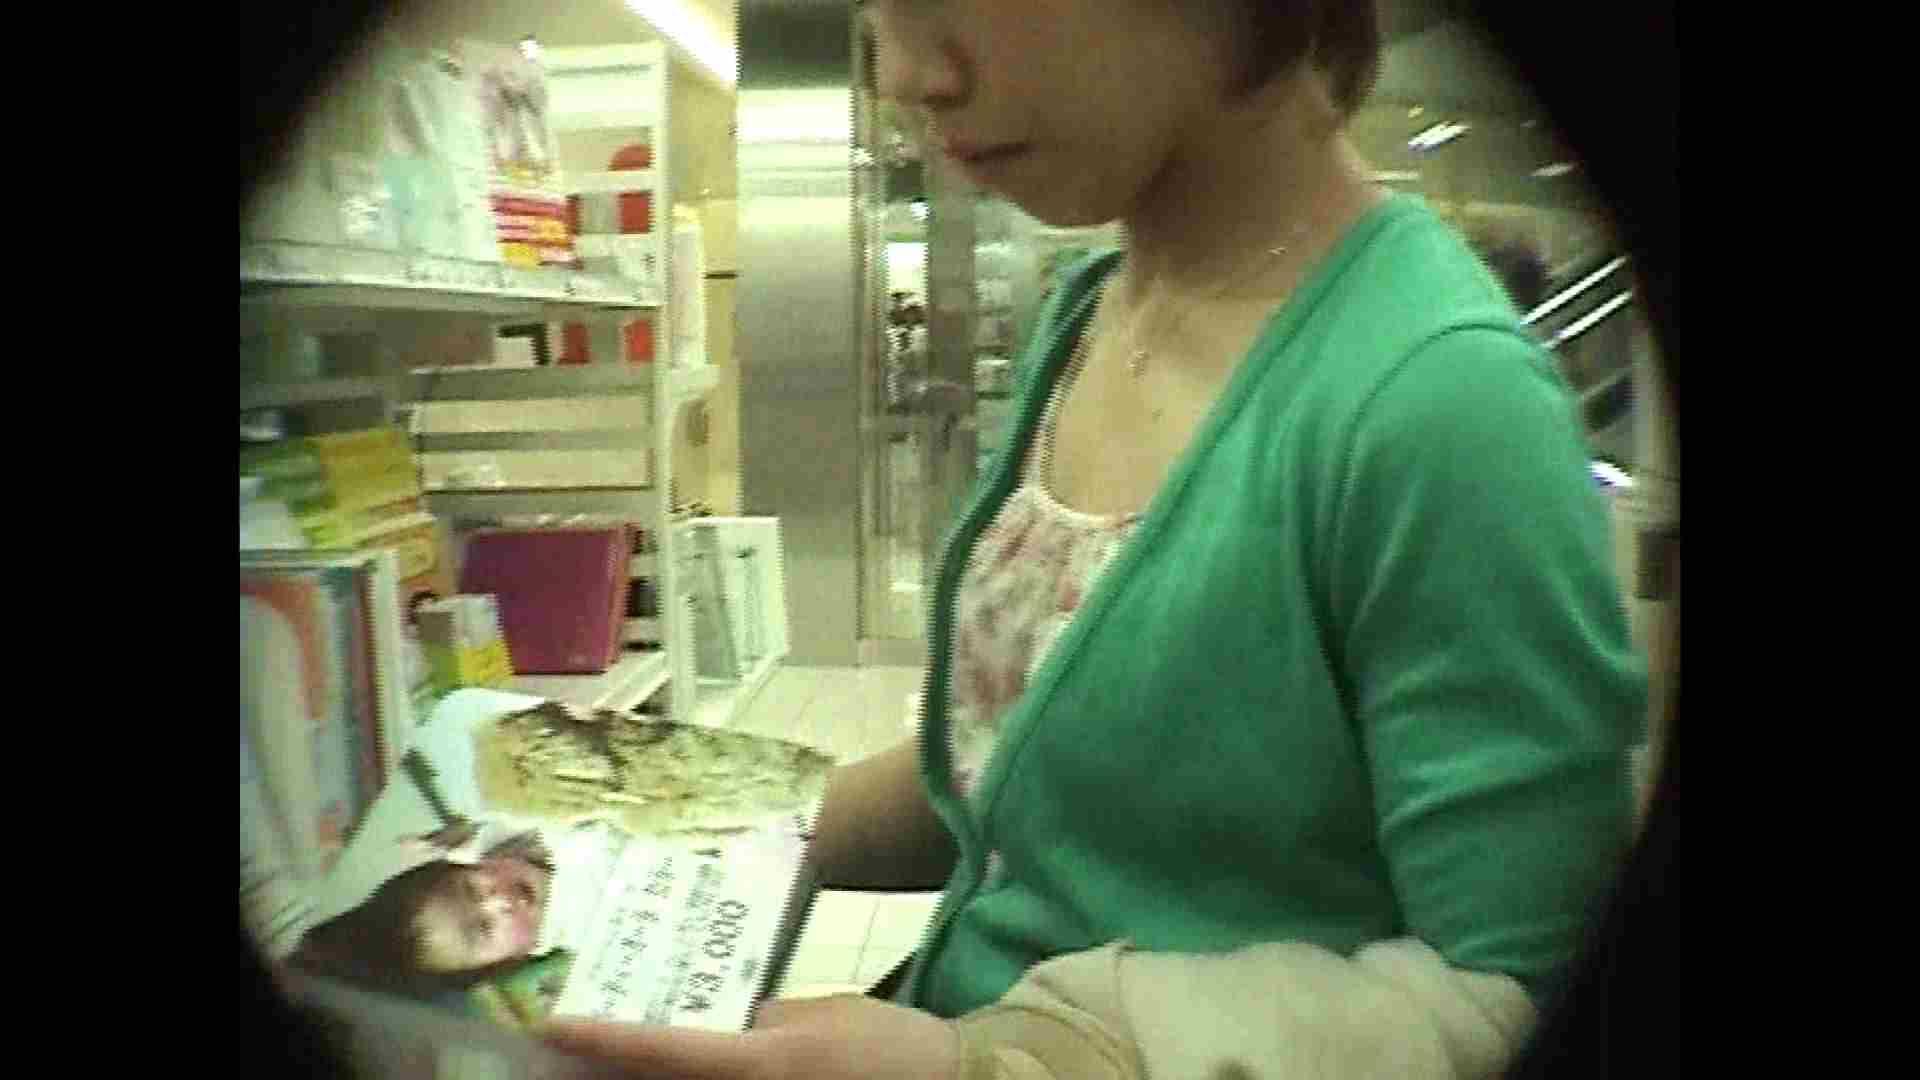 働く美女の谷間参拝 Vol.39 美女エロ画像   OLエロ画像  72PICs 34